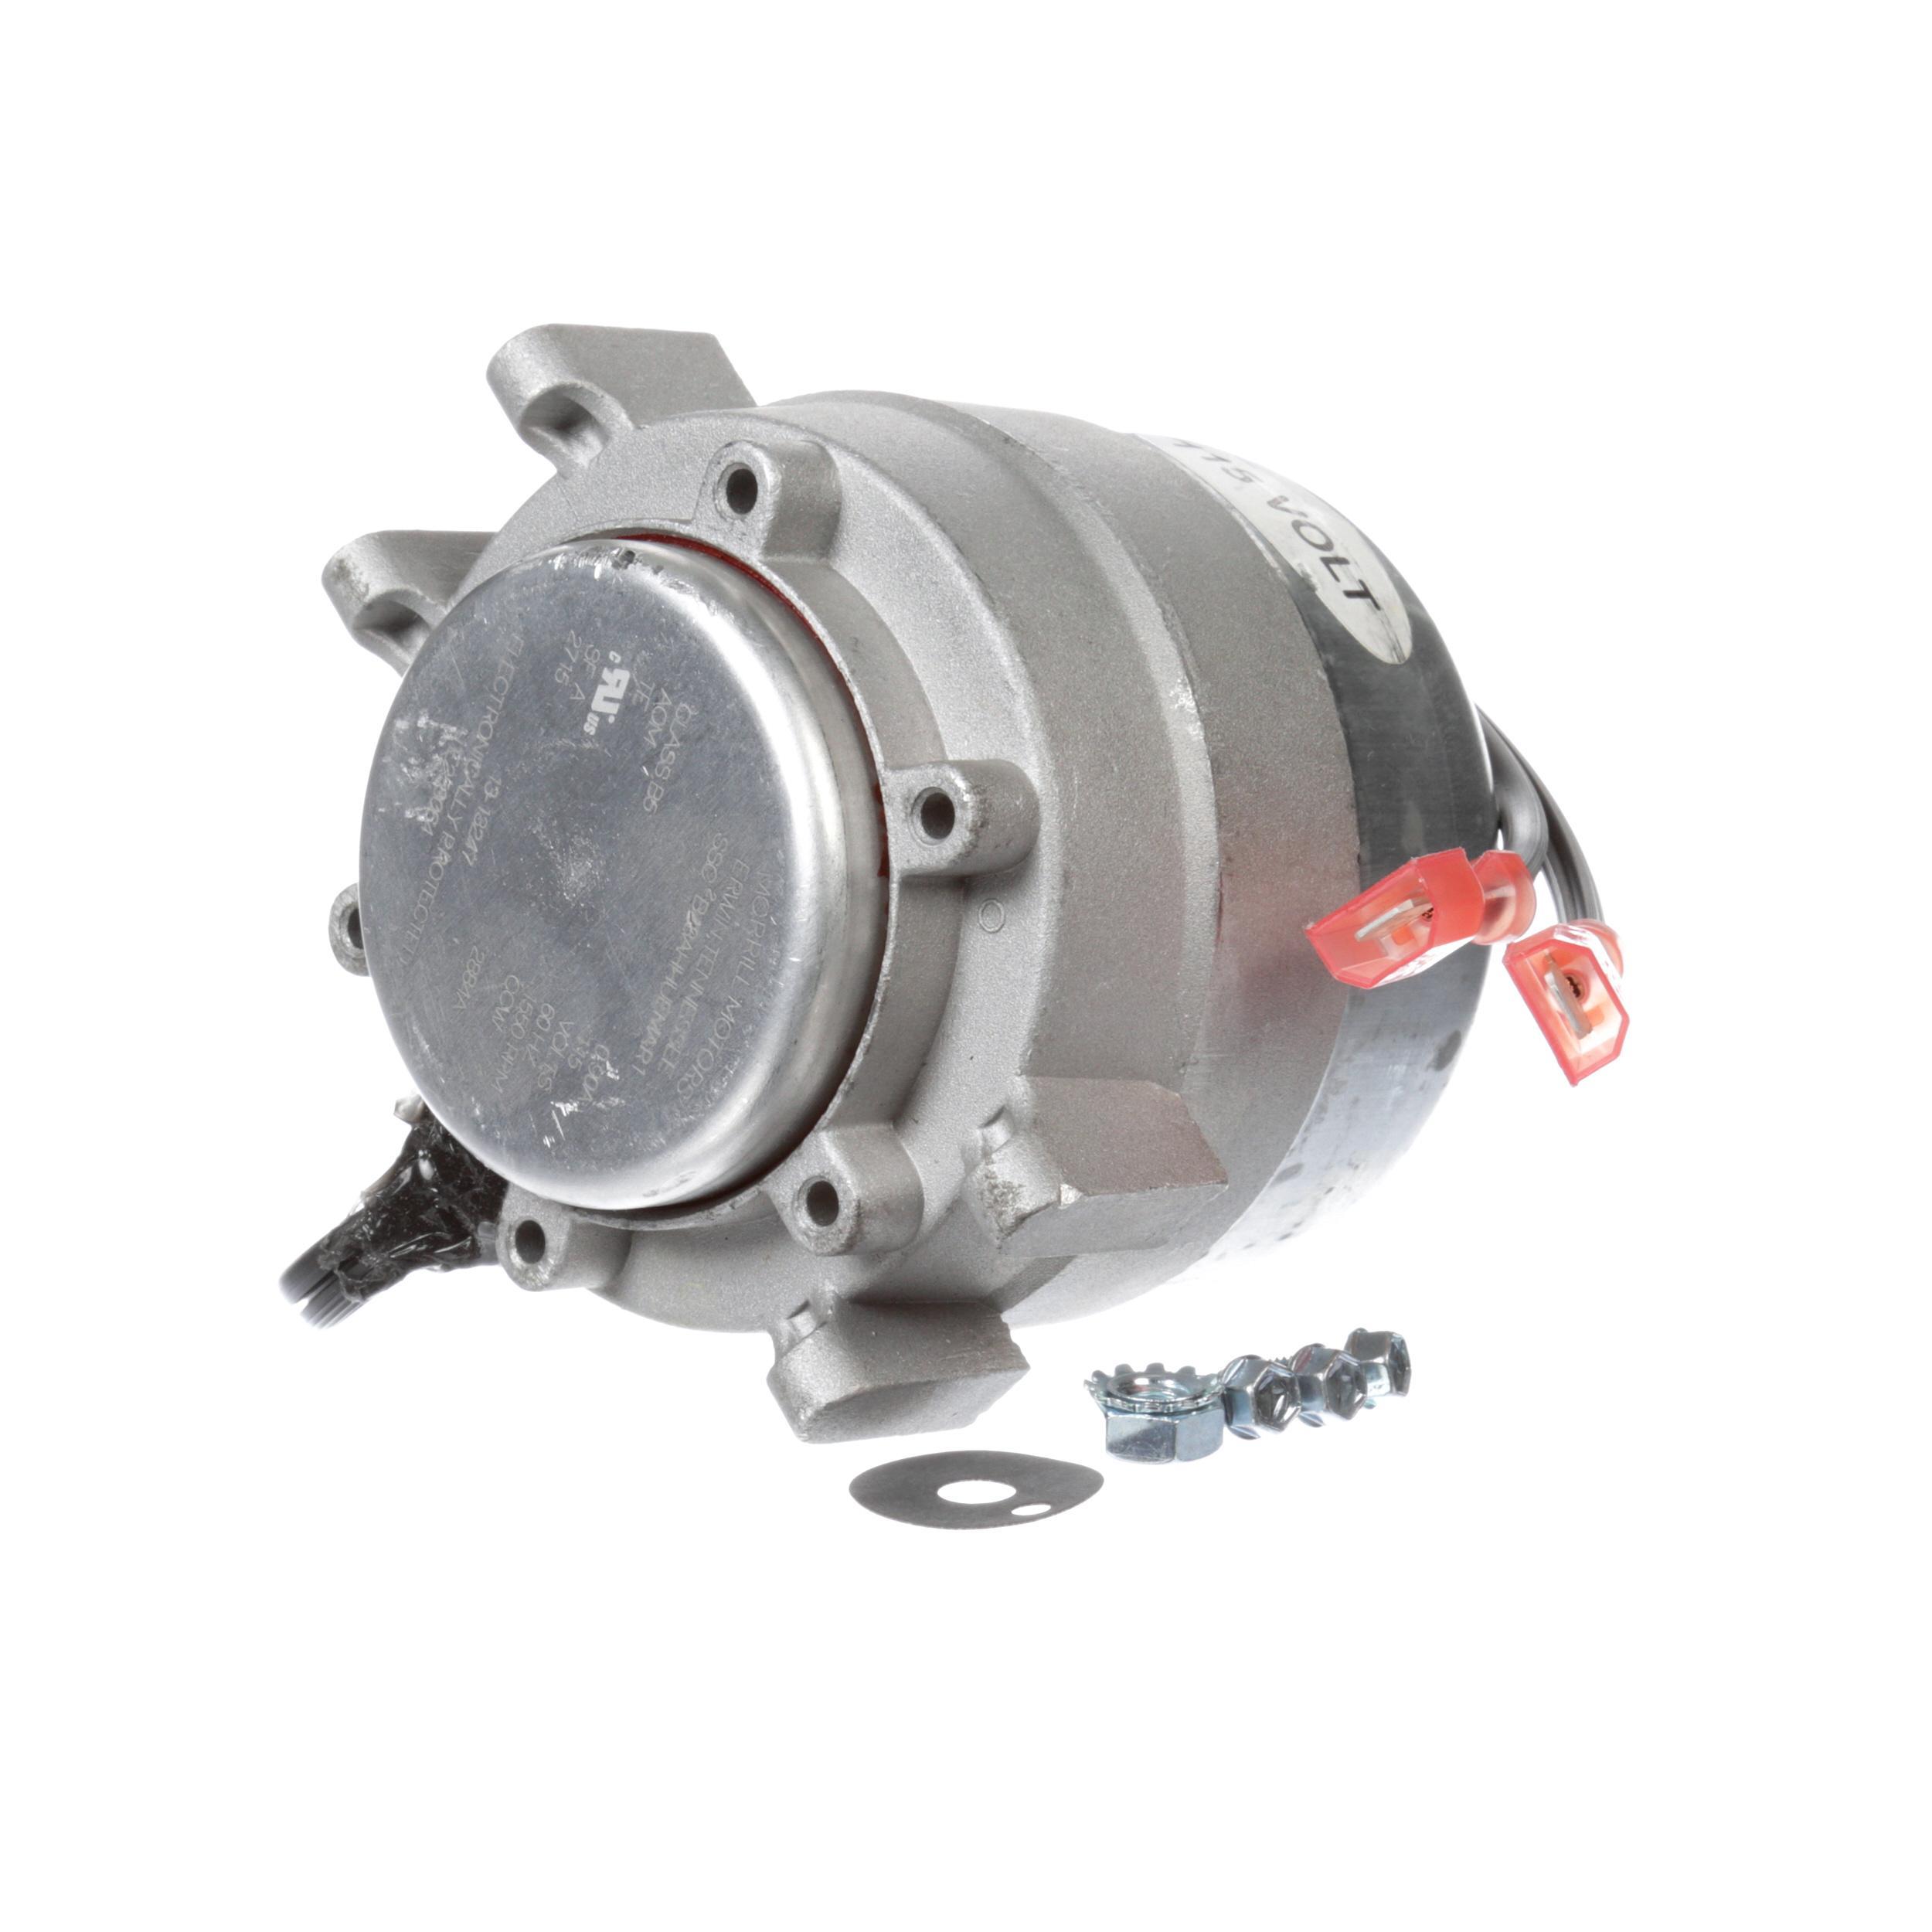 Master Bilt 115 V Ec Motor Morrill Part 13 13247